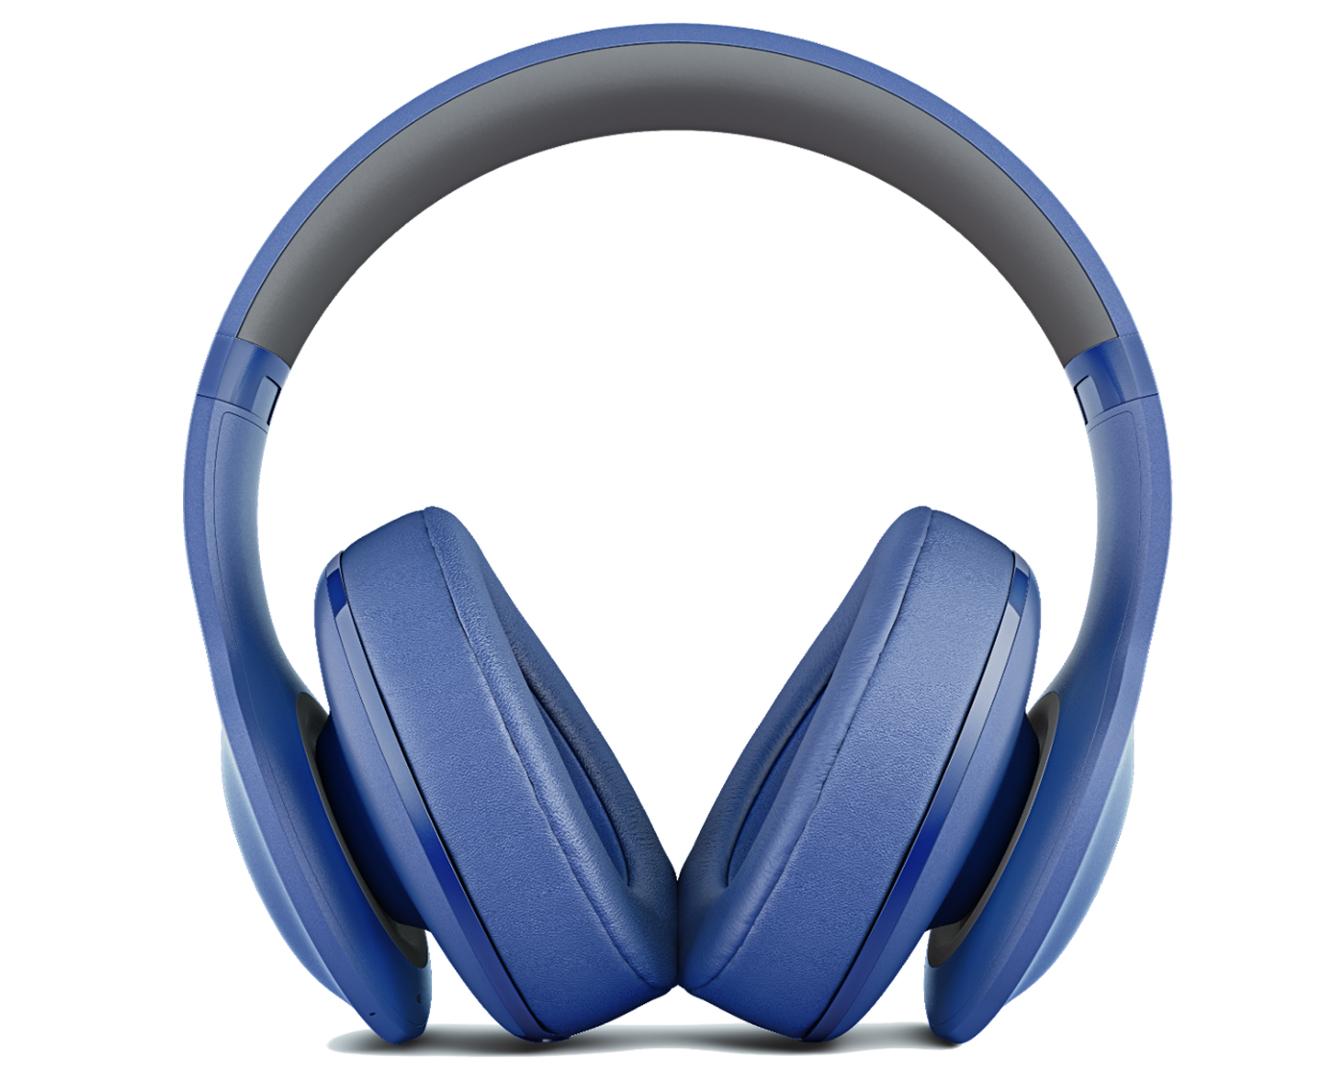 Jbl bluetooth earphones wireless - wireless earphones one